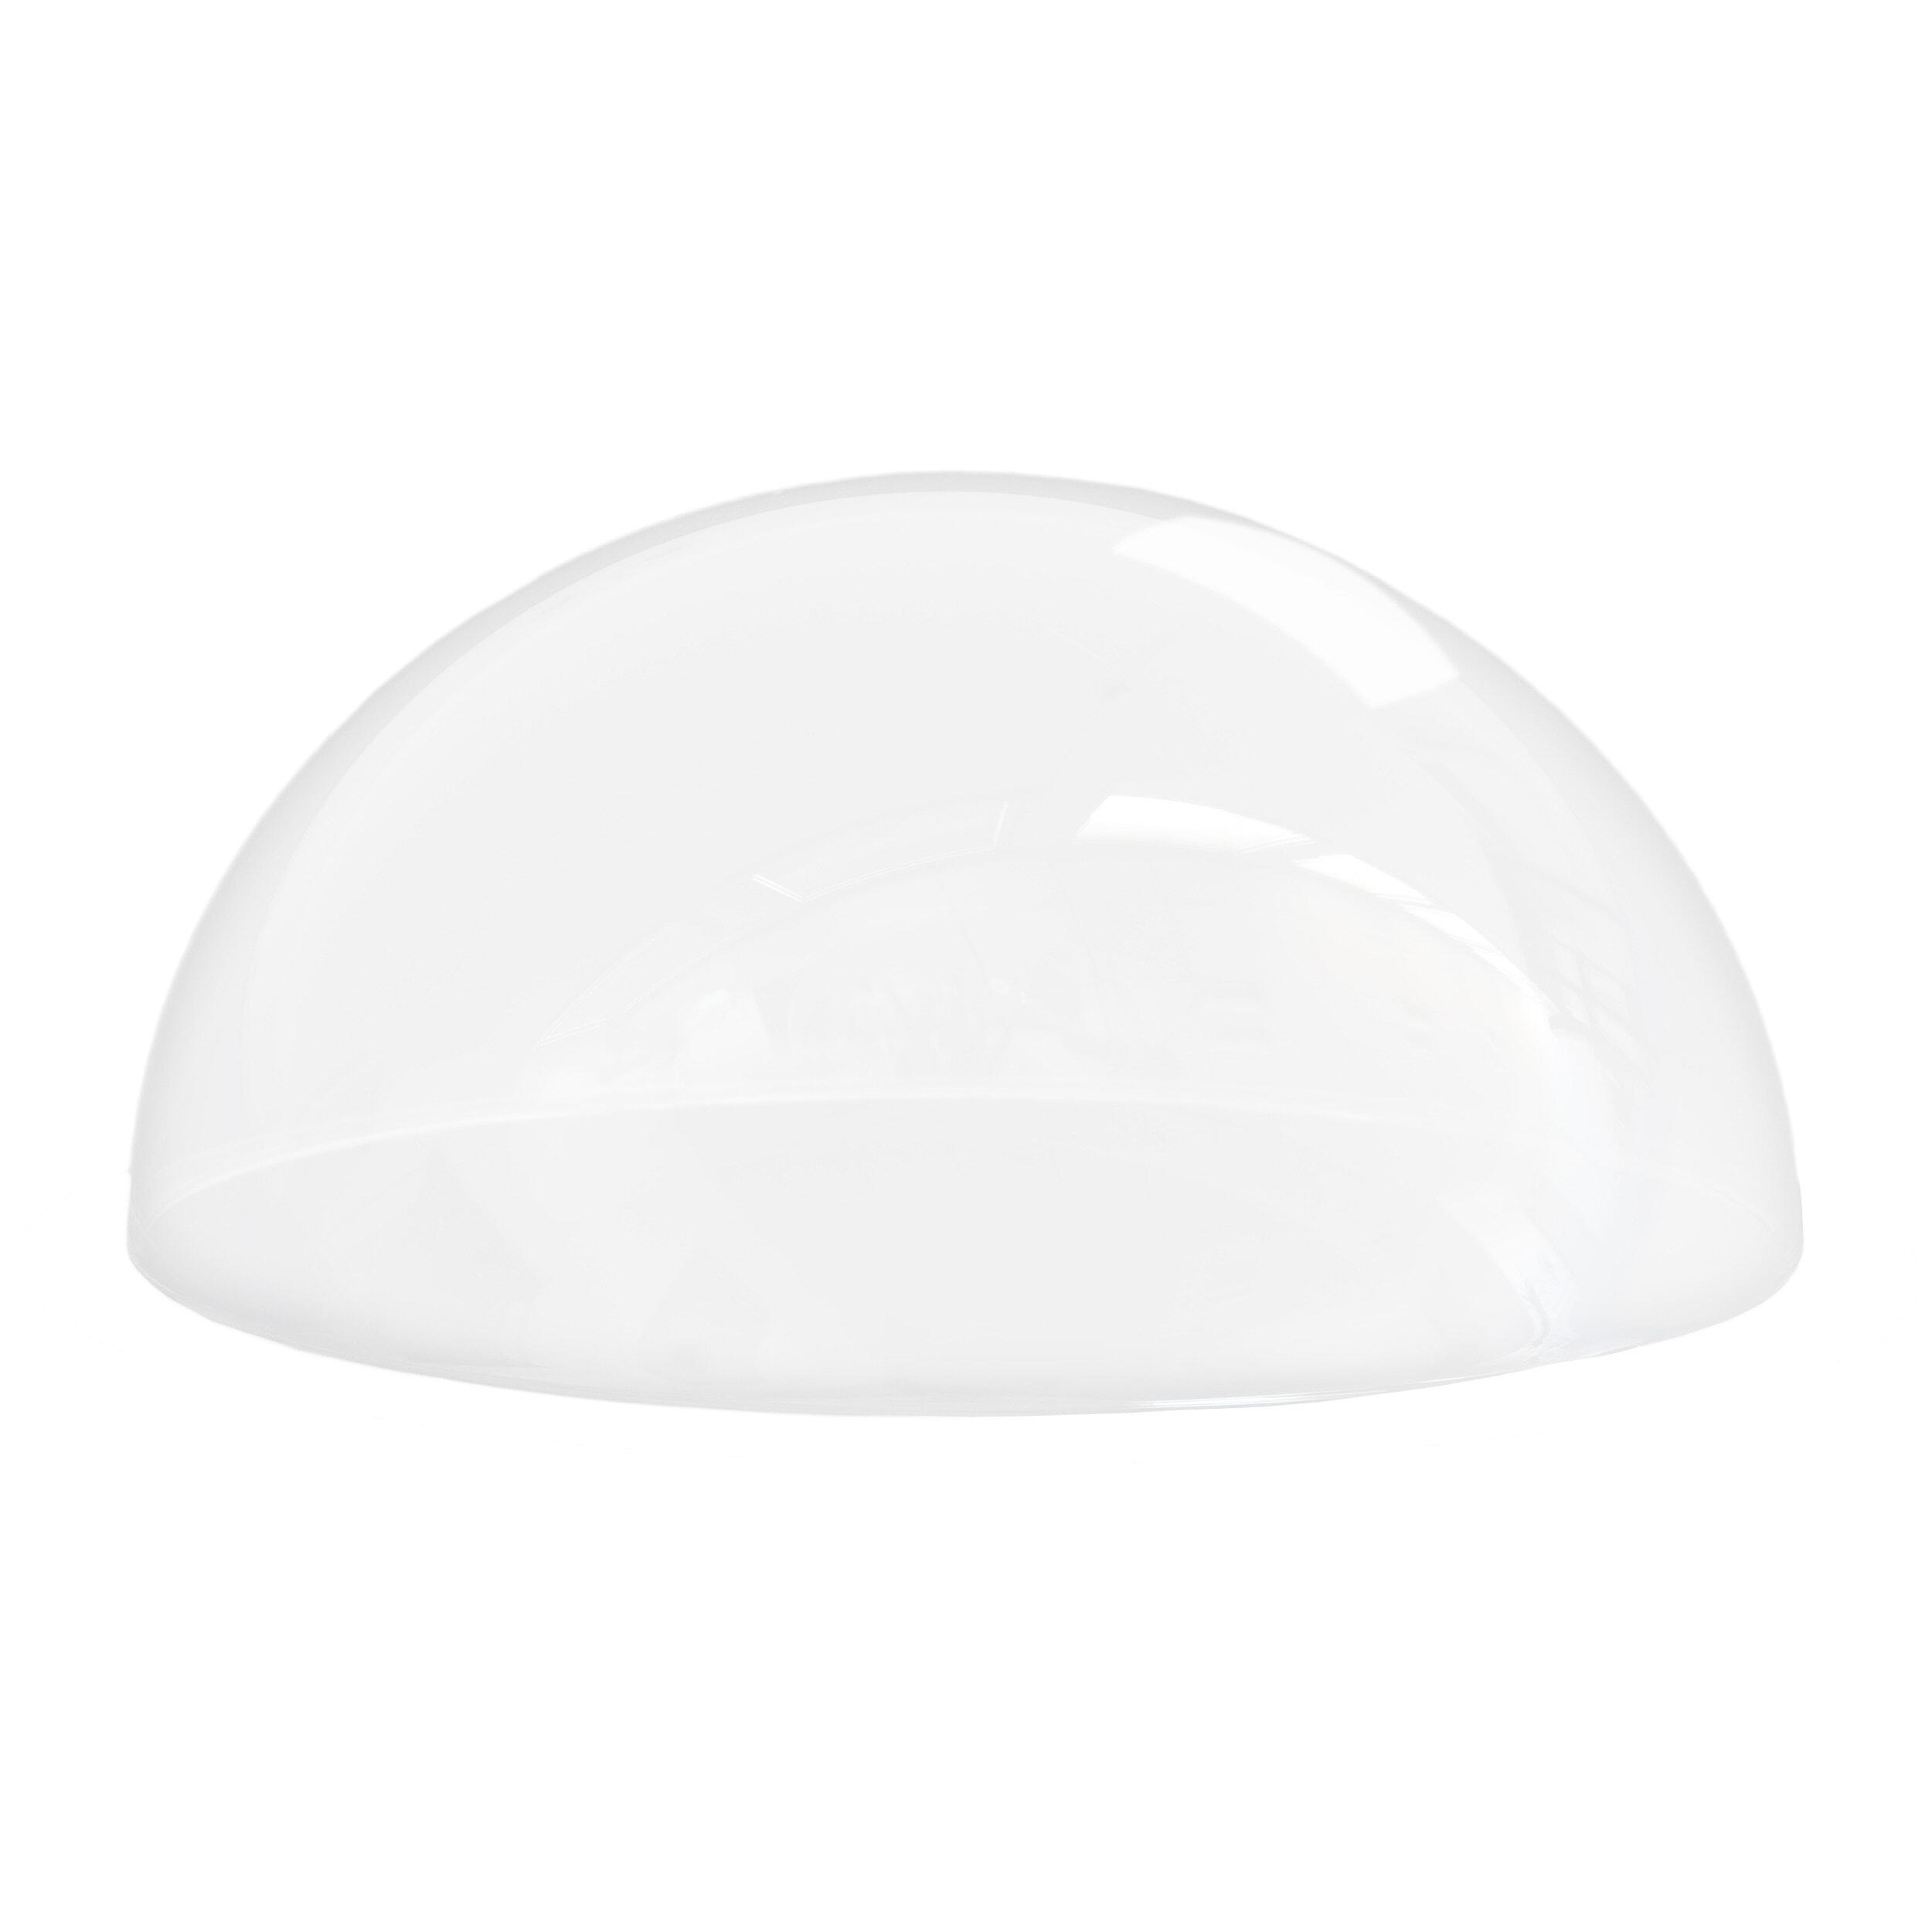 PLEXIGLAS COUPE acrylique incolore transparent Xt 10 mm